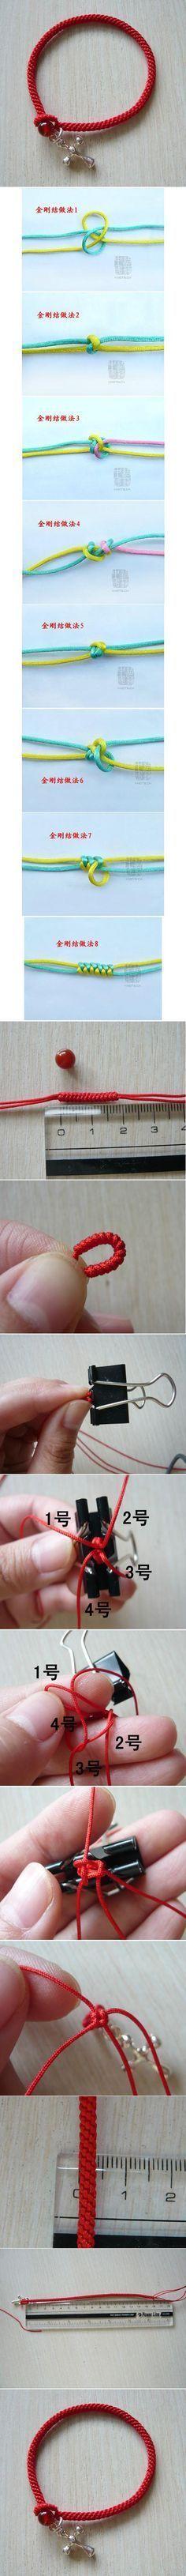 pulsera roja de cordones y como botón una cuenta de cristal roja